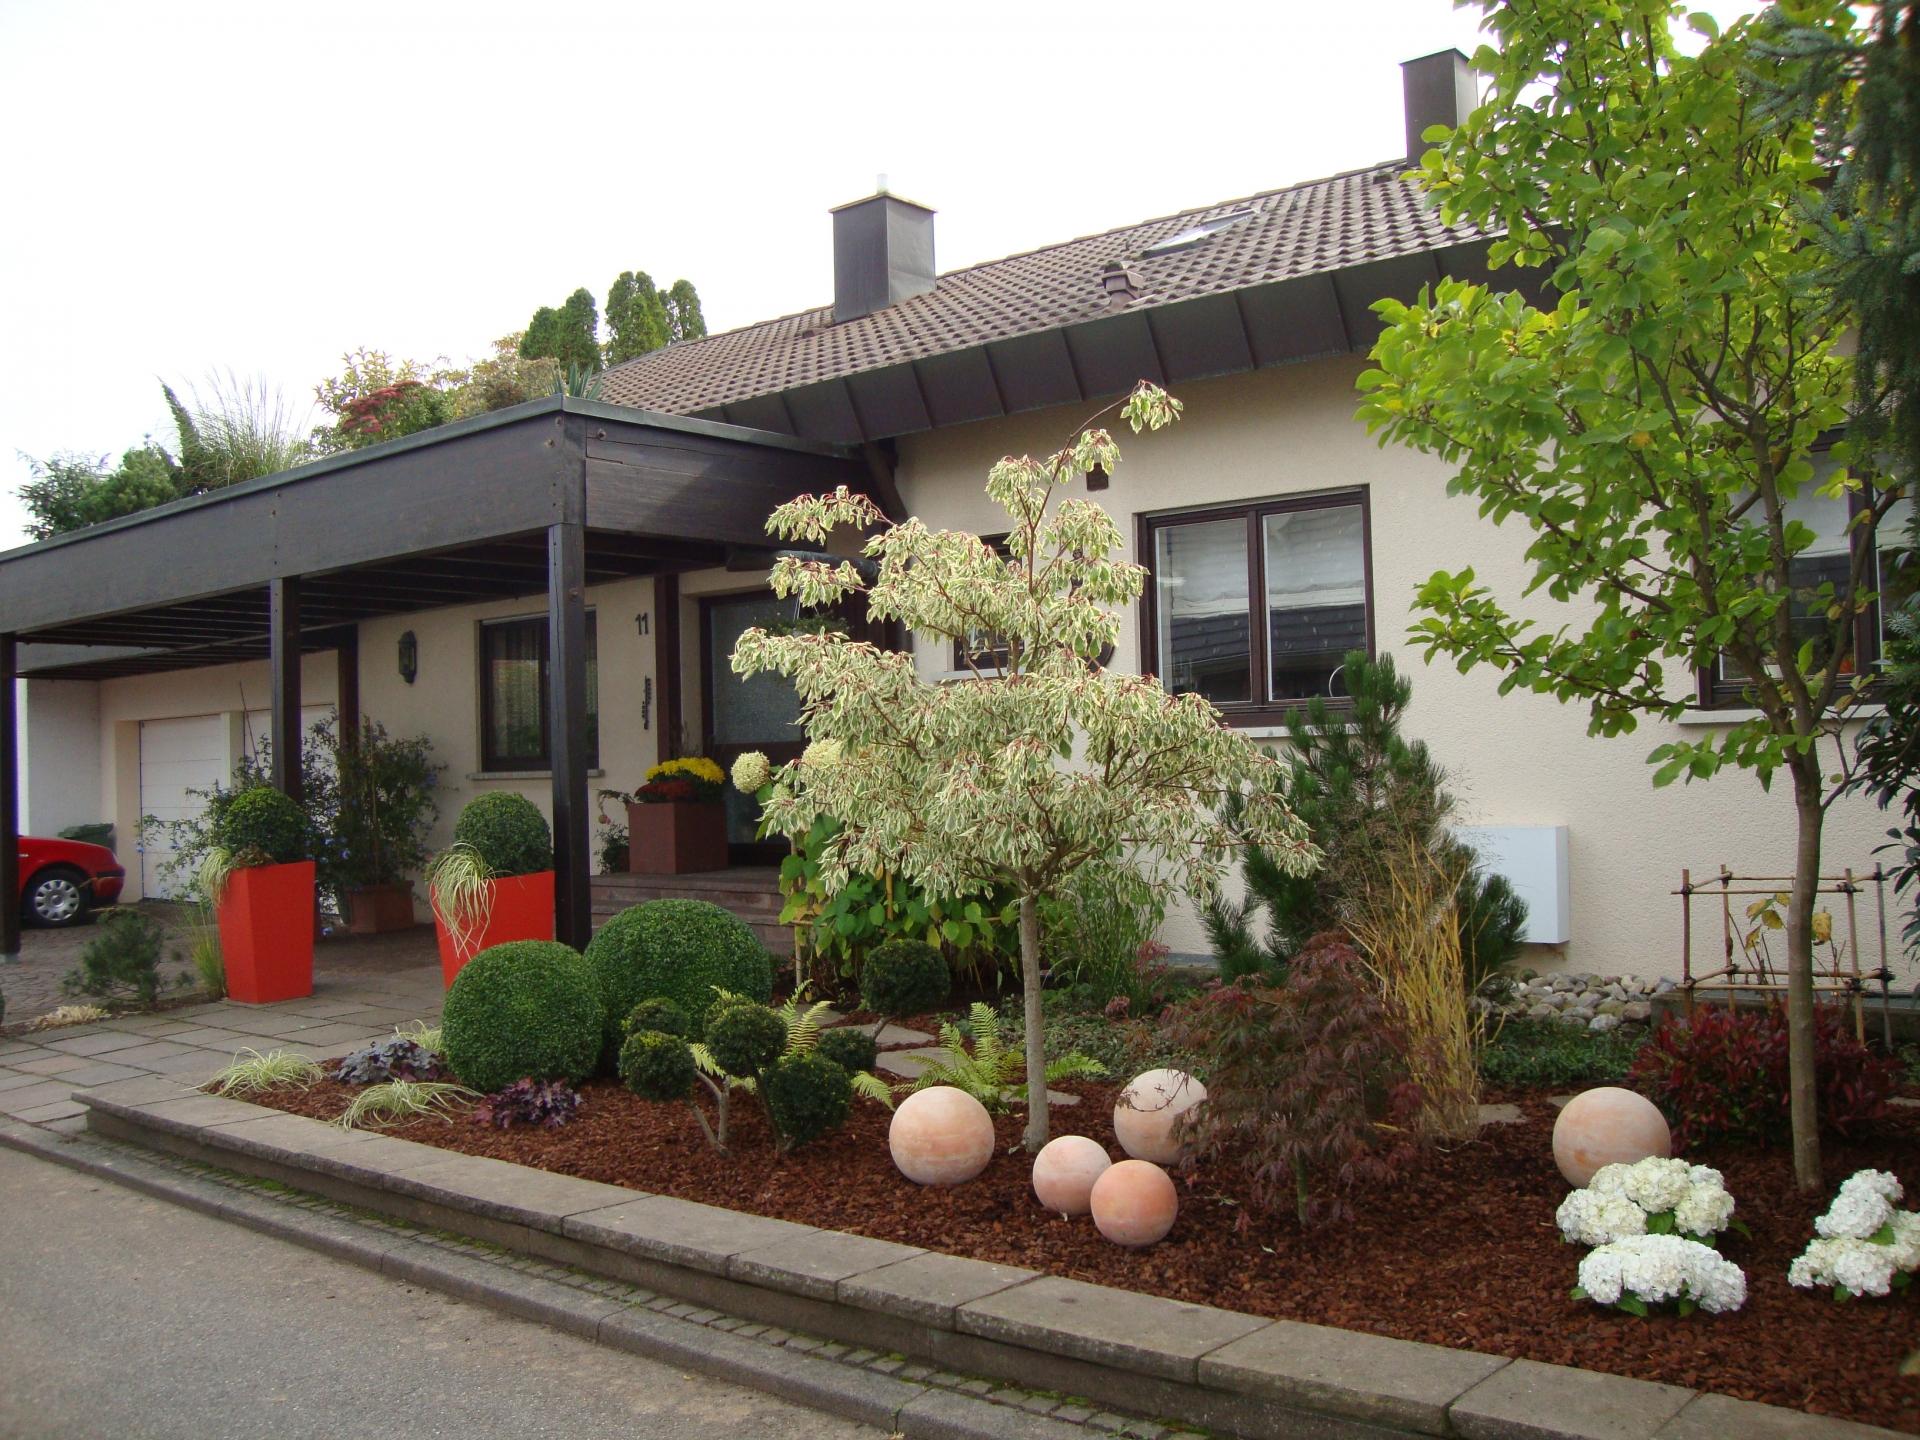 Geiger S Gartengestaltung Amp Pflanzenweltvorher Nachher Rottenburg Kiebingen